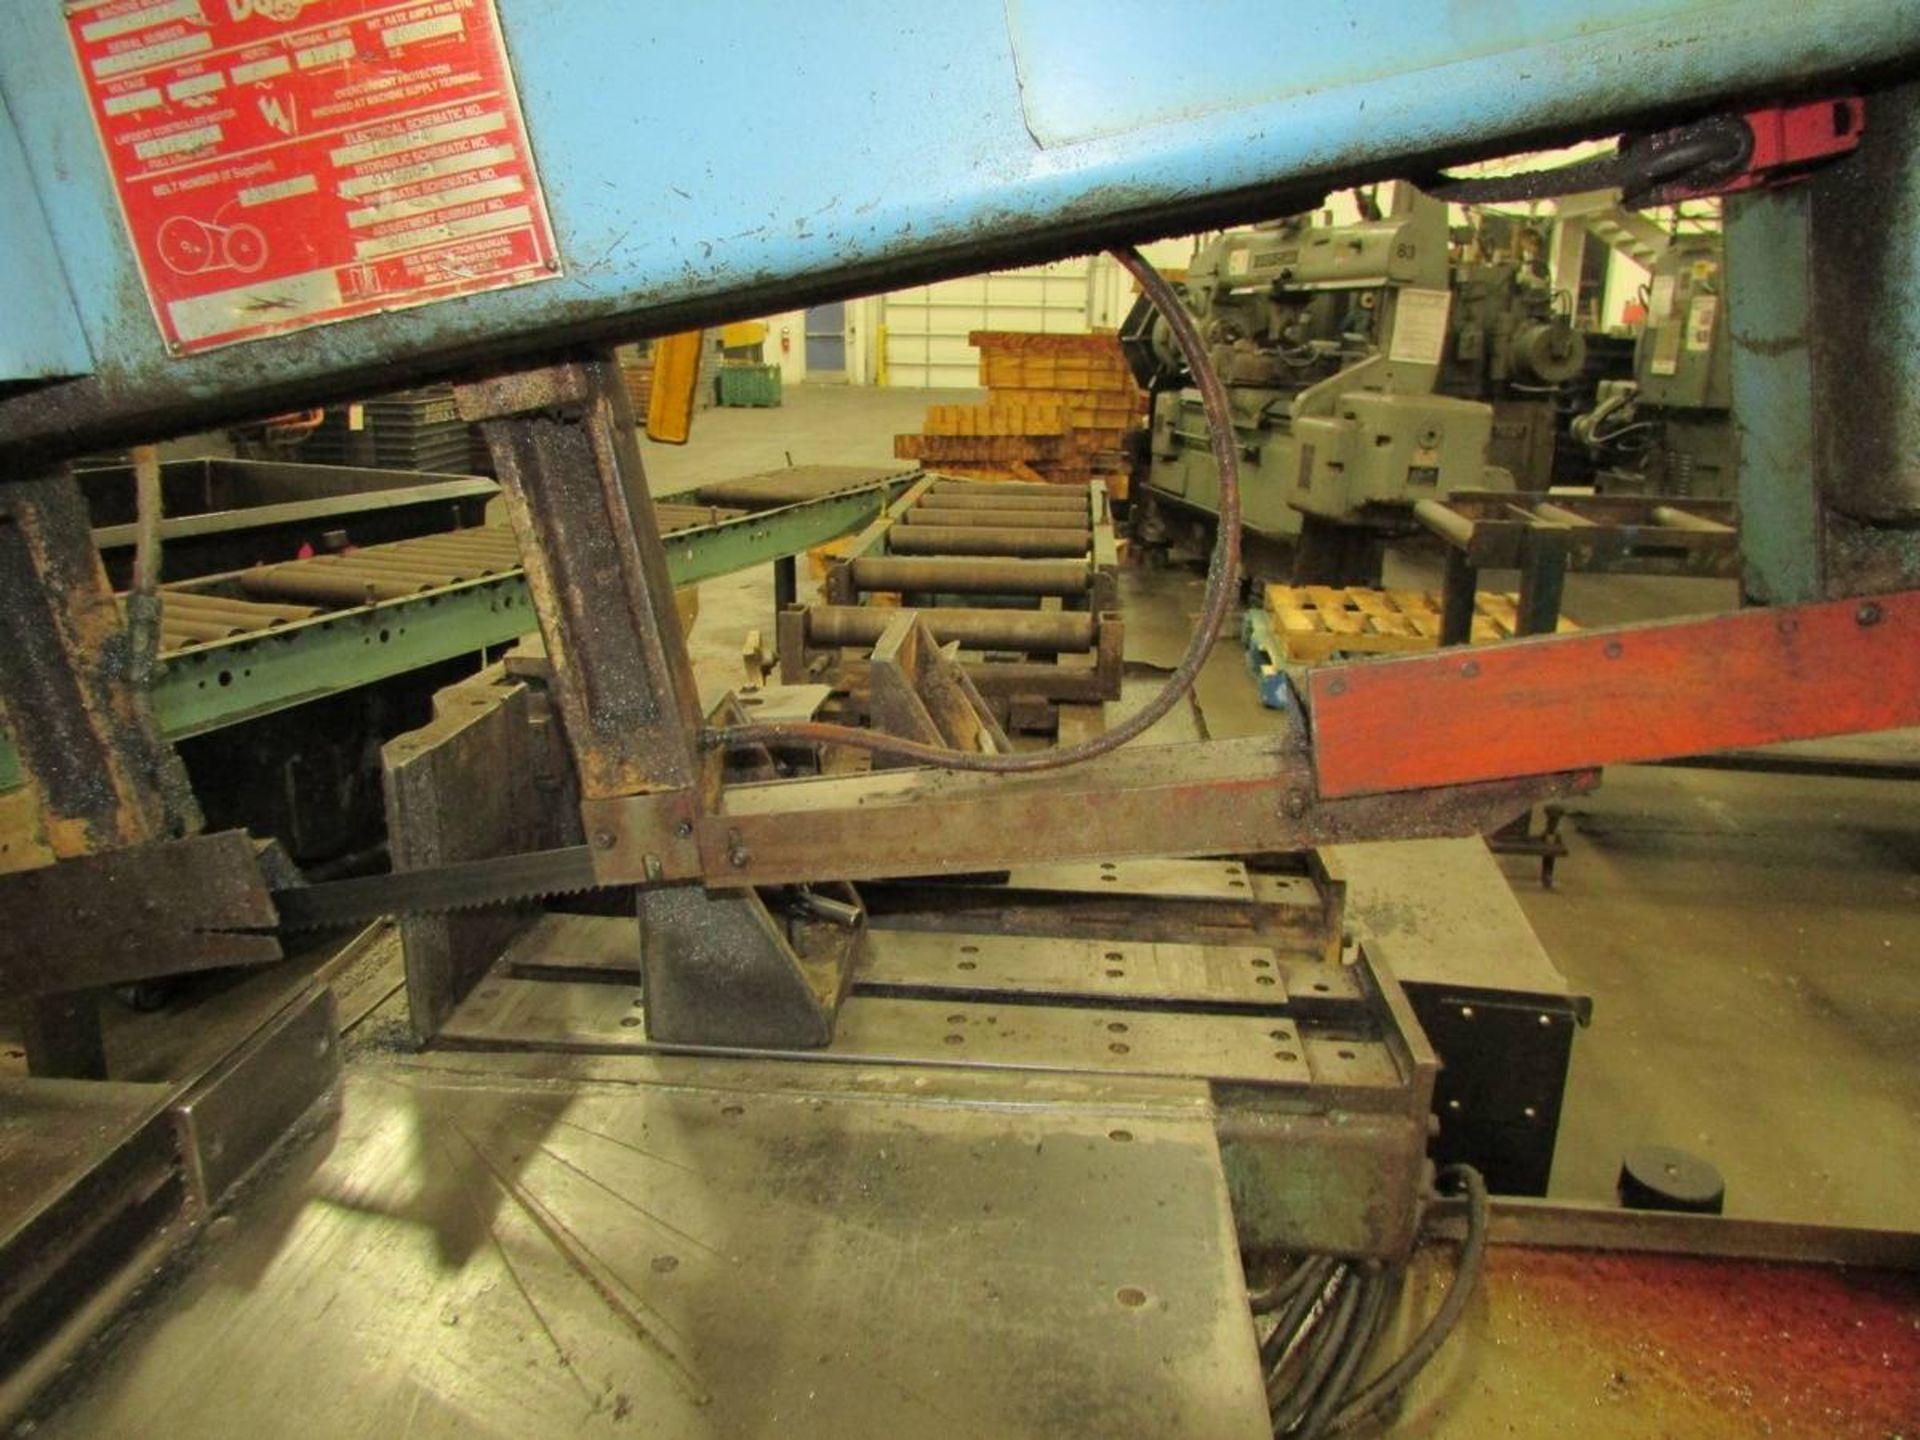 DoAll C-916SA Automatic Horizontal Bandsaw - Image 7 of 14